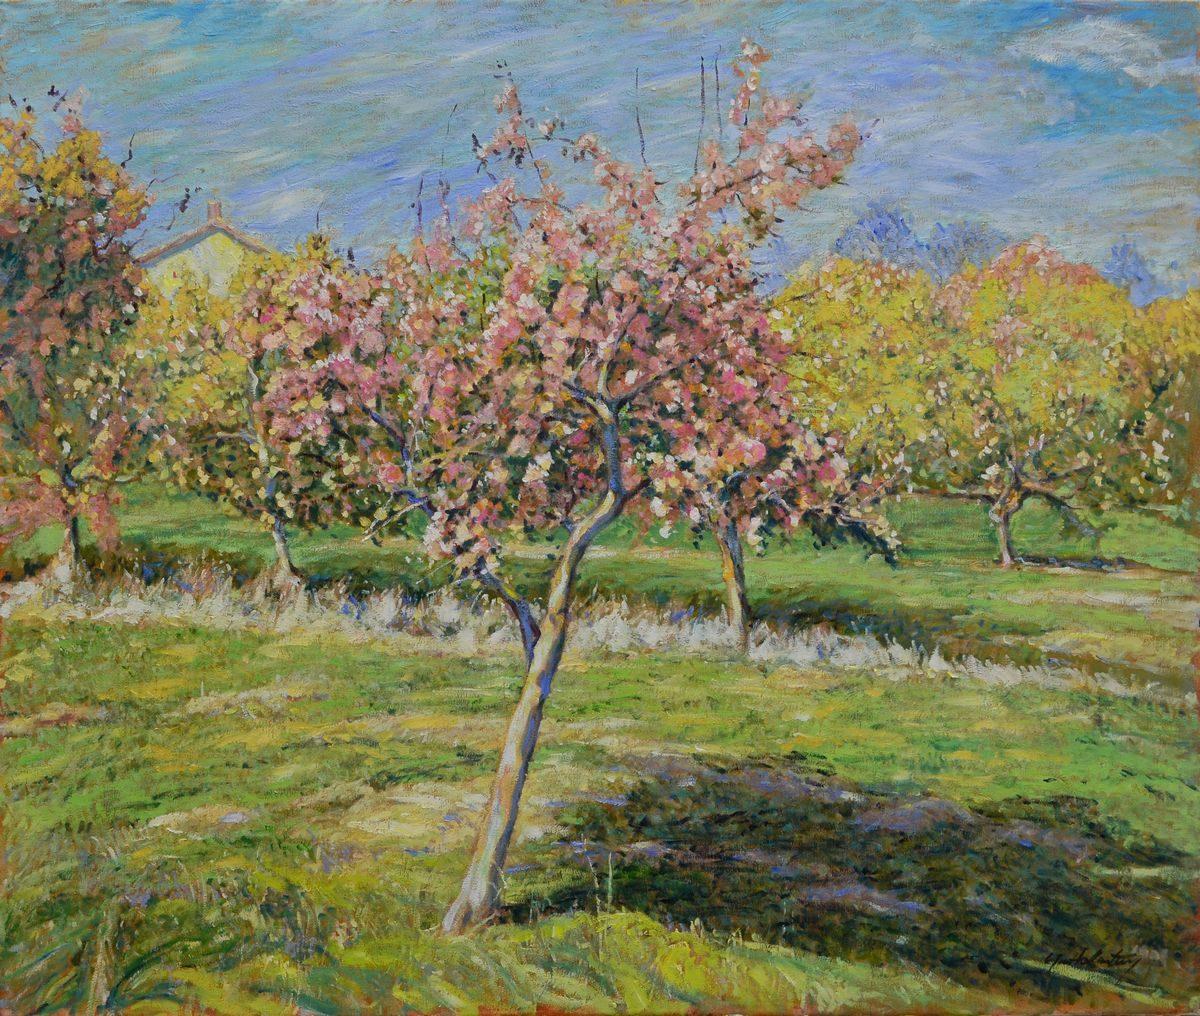 Garth Armstrong - Orchard, North of Oshawa